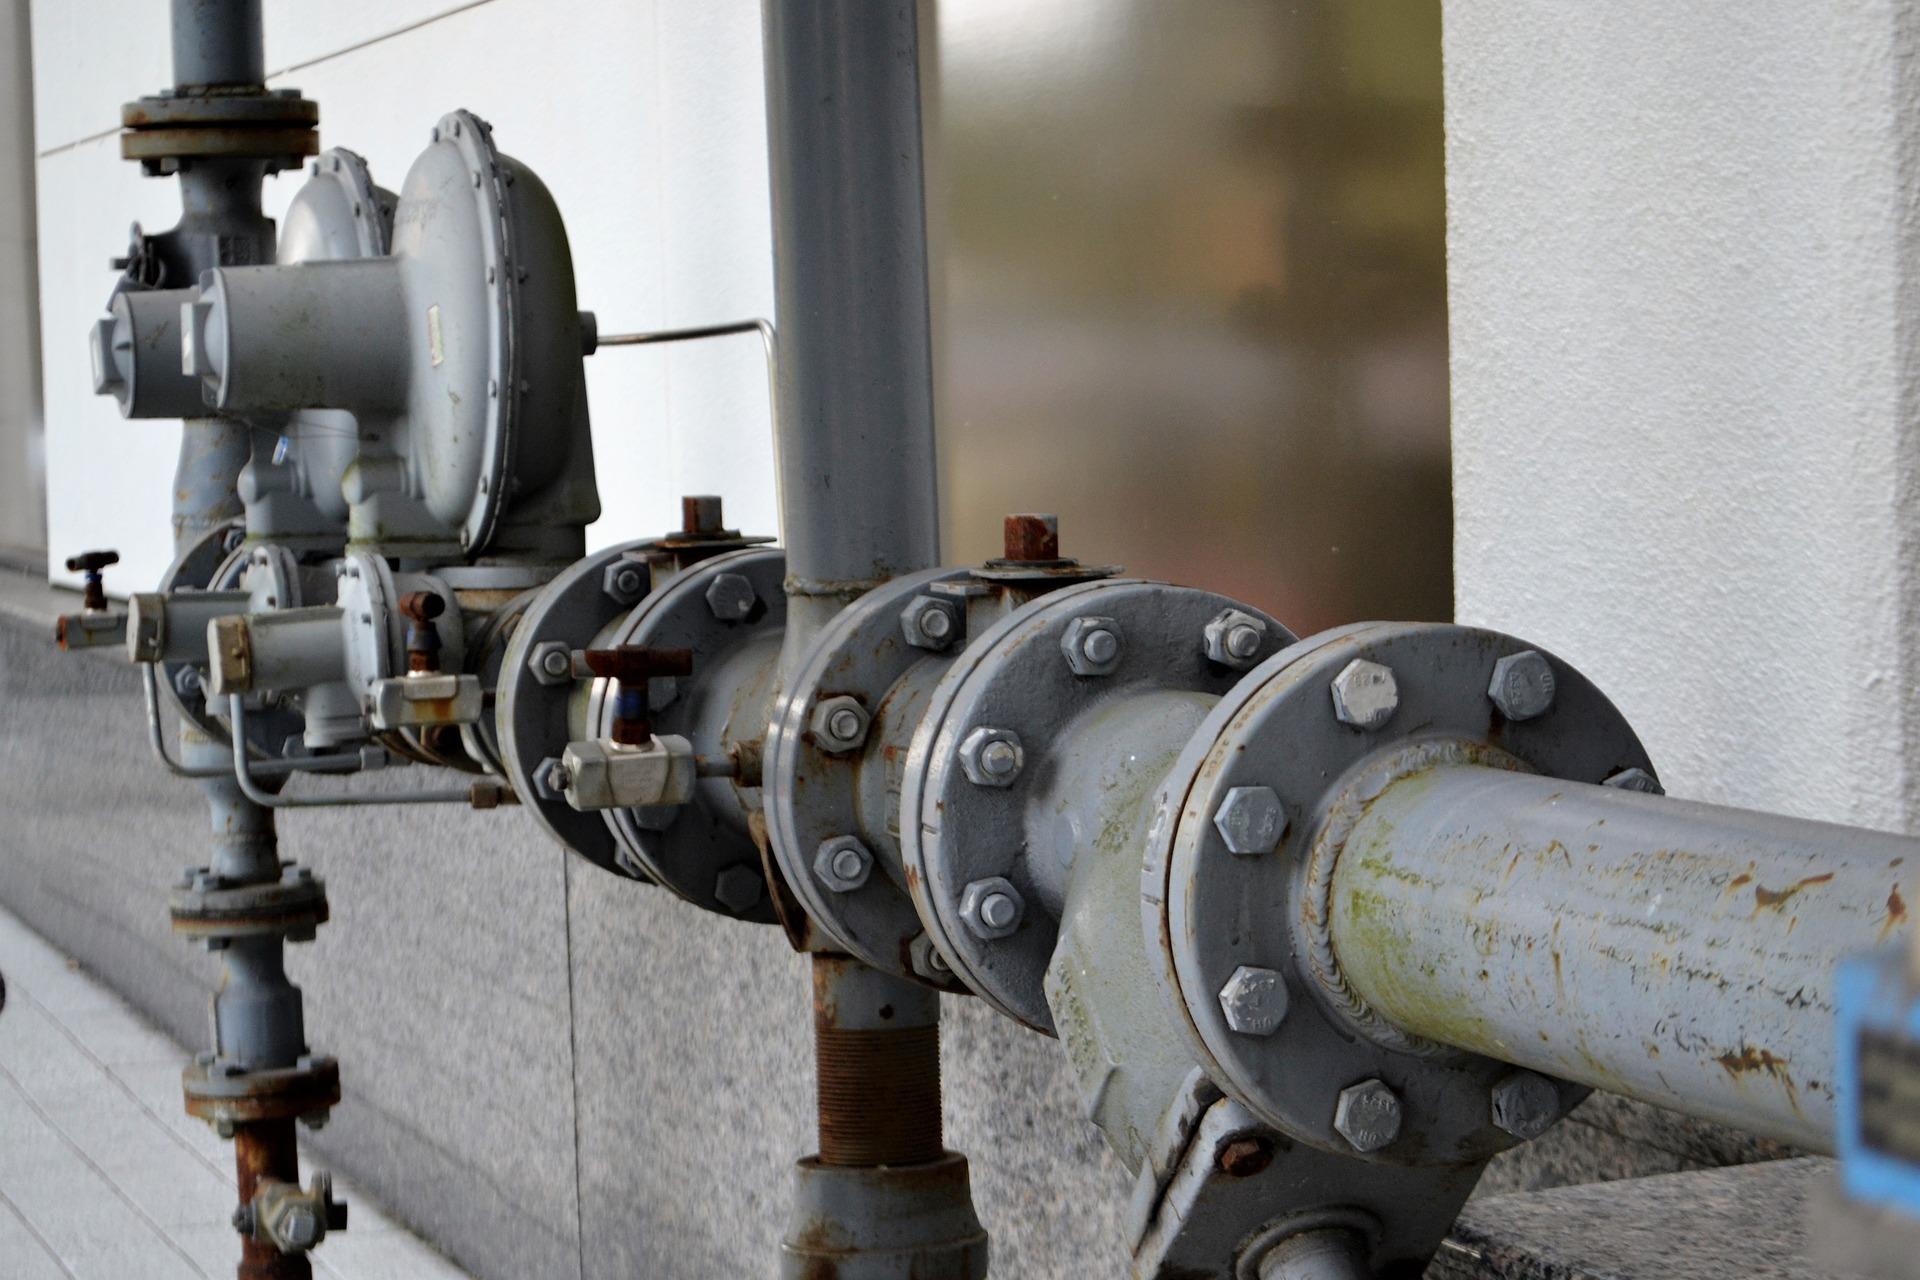 Abb. 3: Wasserleitung